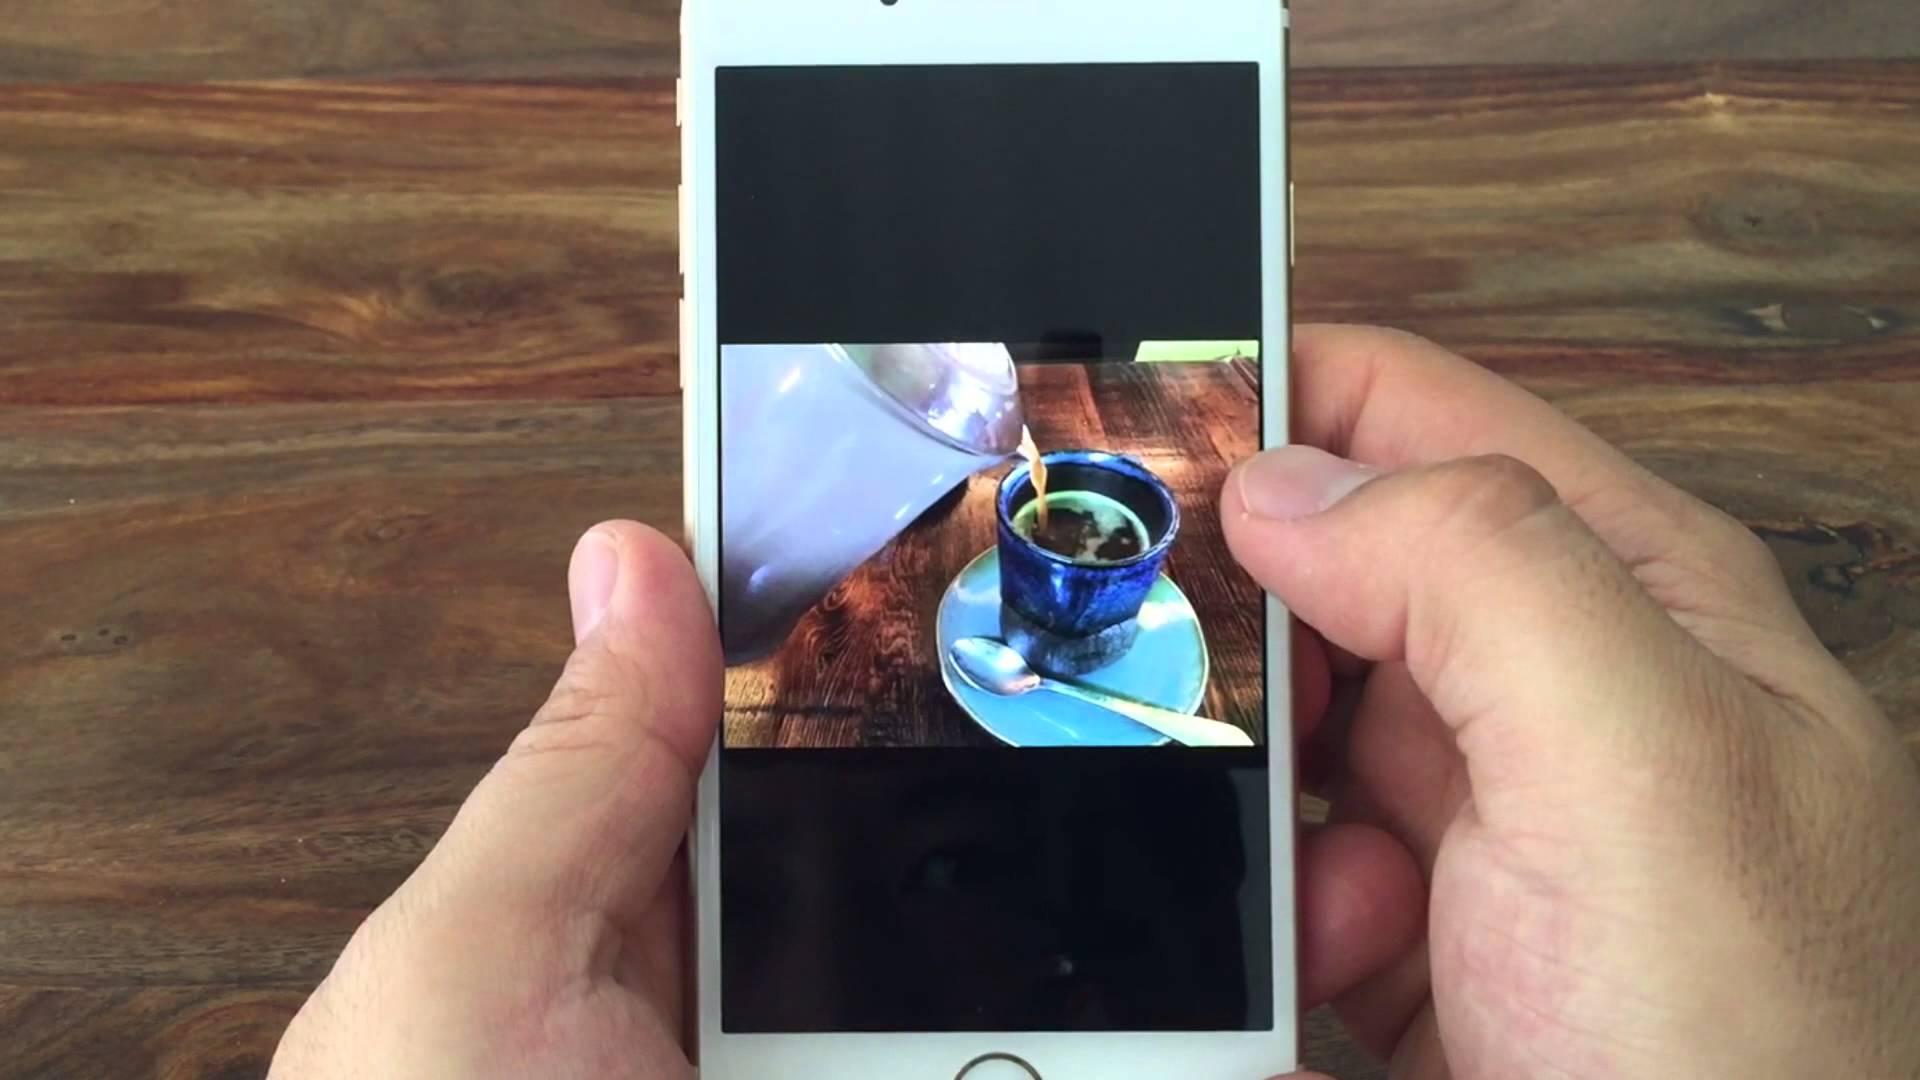 мультиварке на айфоне просмотр серии фото рен-тв донецкий